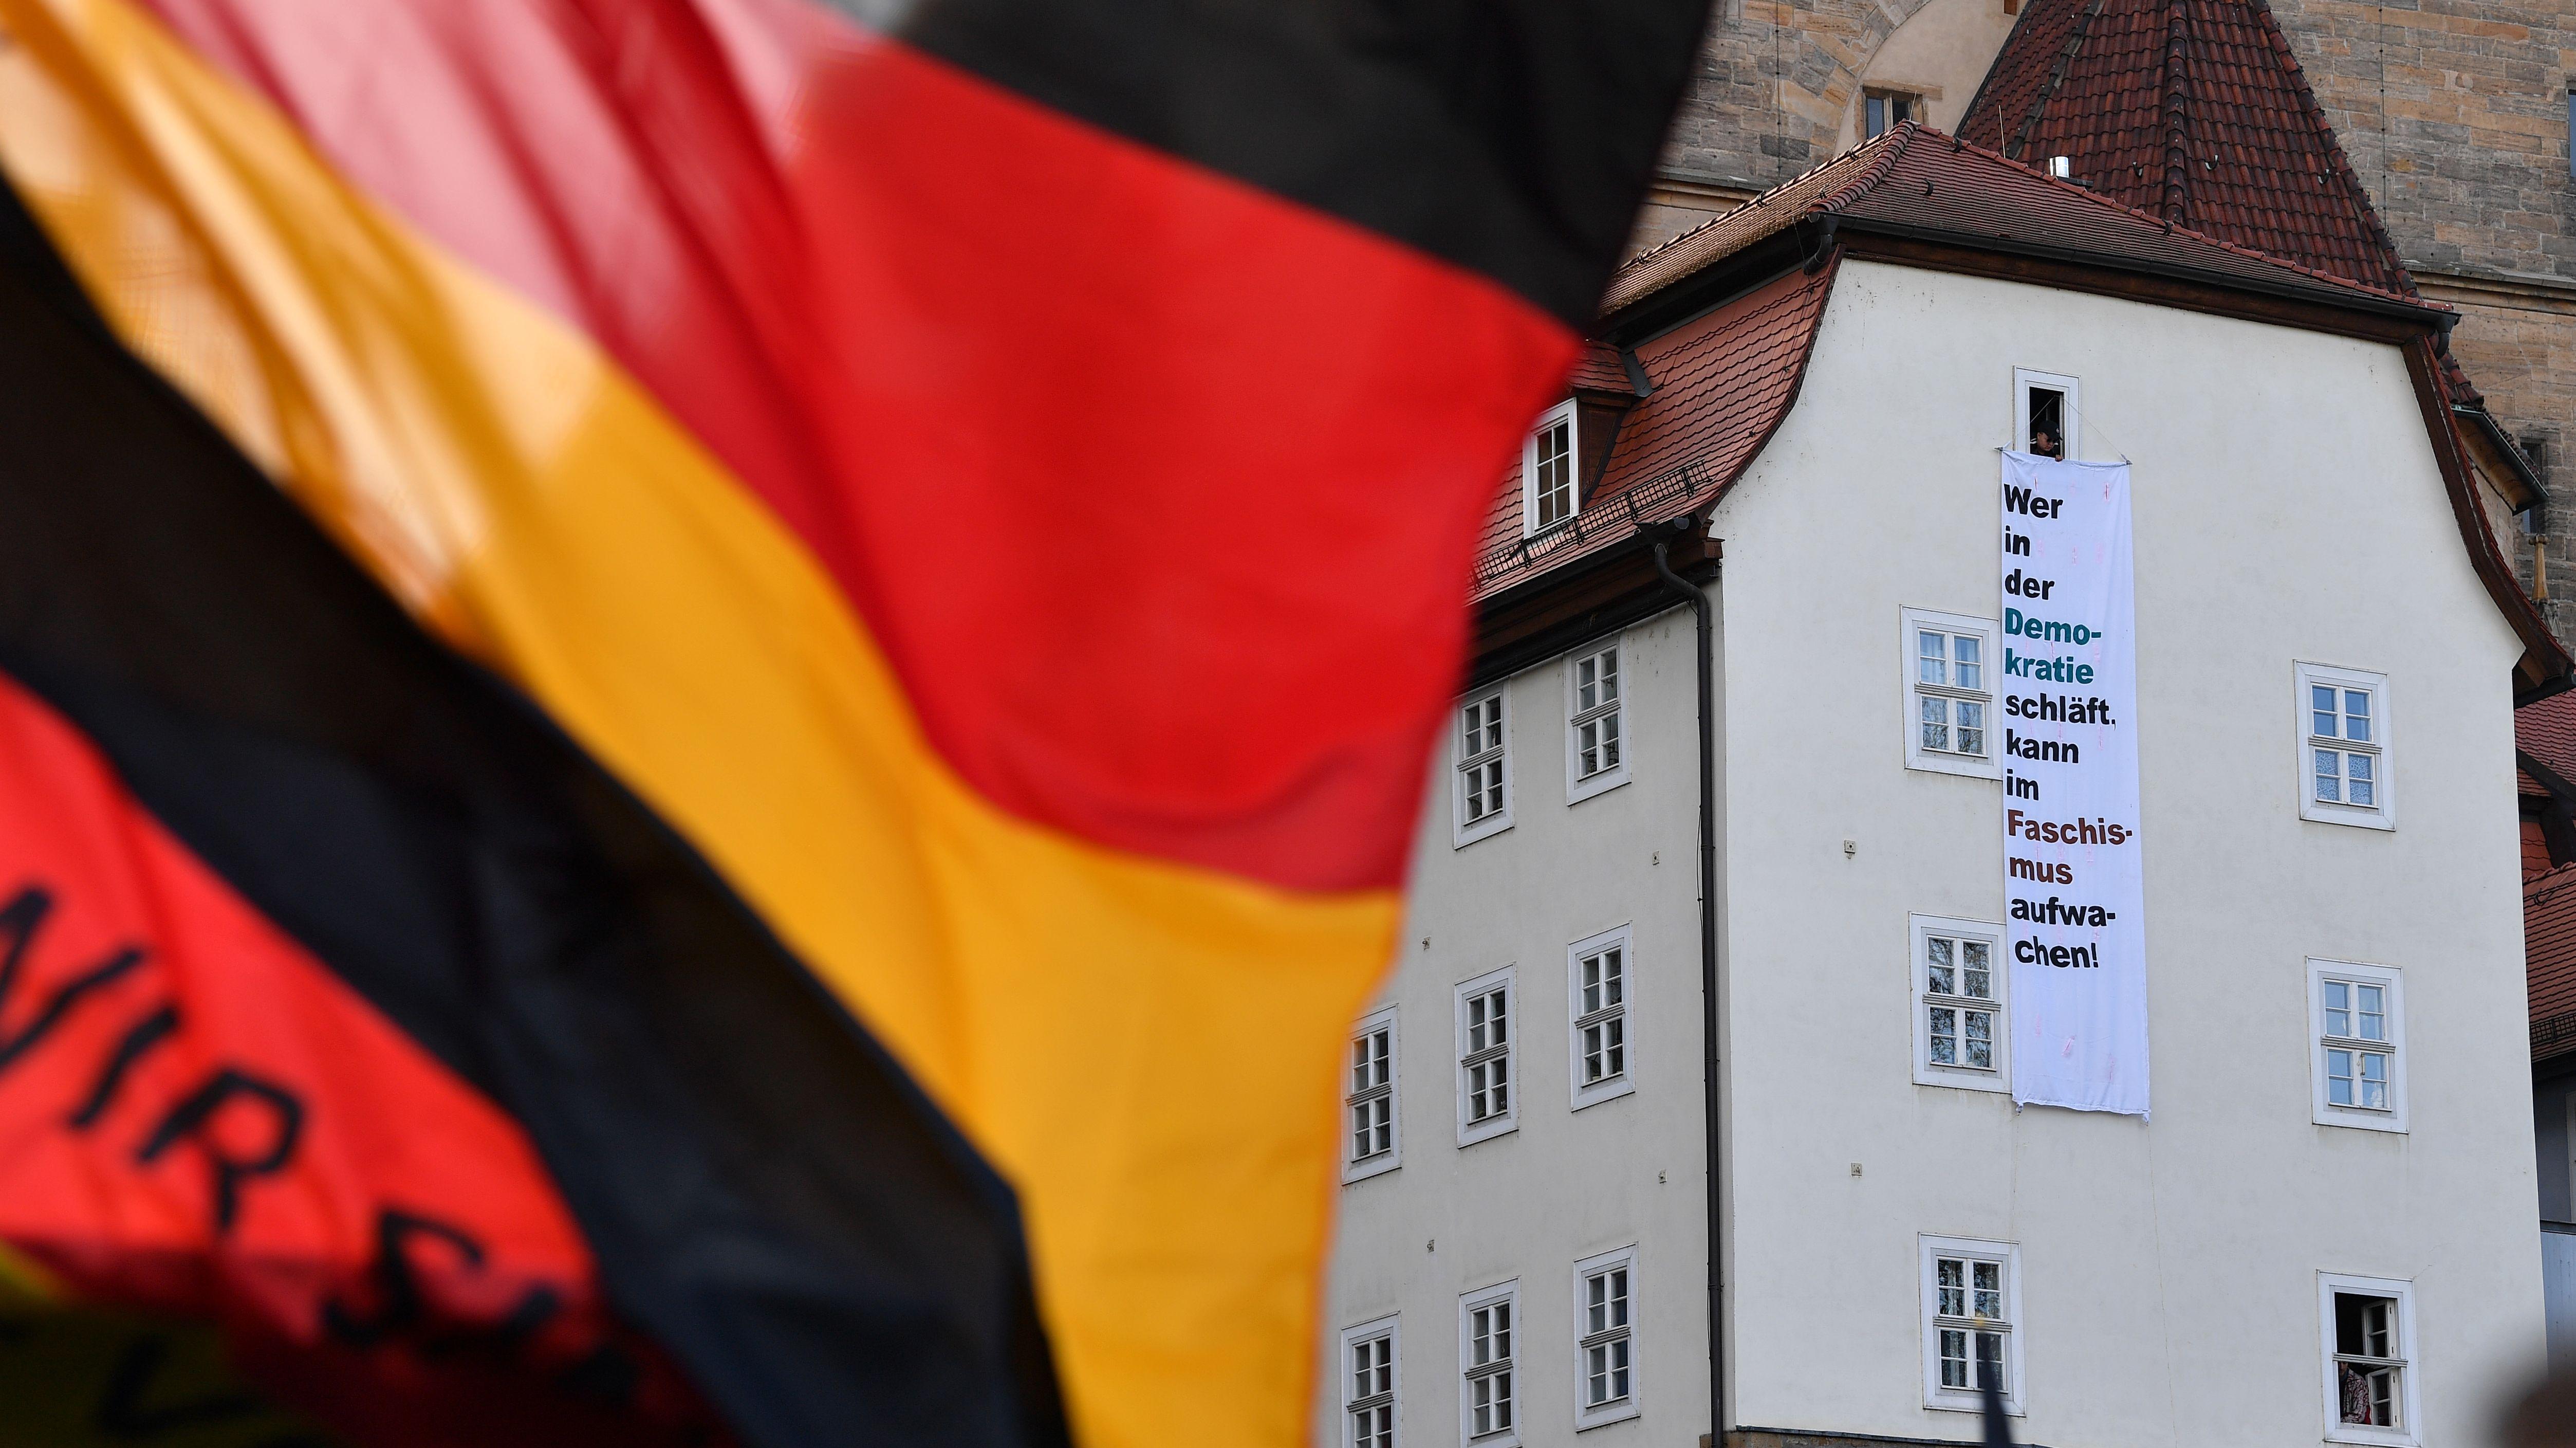 """Ein Transparent unterhalb des Erfurter Doms mit der Aufschrift """"Wer in der Demokratie schläft, kann im Faschismus aufwachen!"""" ist beim Wahlkampfabschluss der Thüringer AfD zu sehen"""